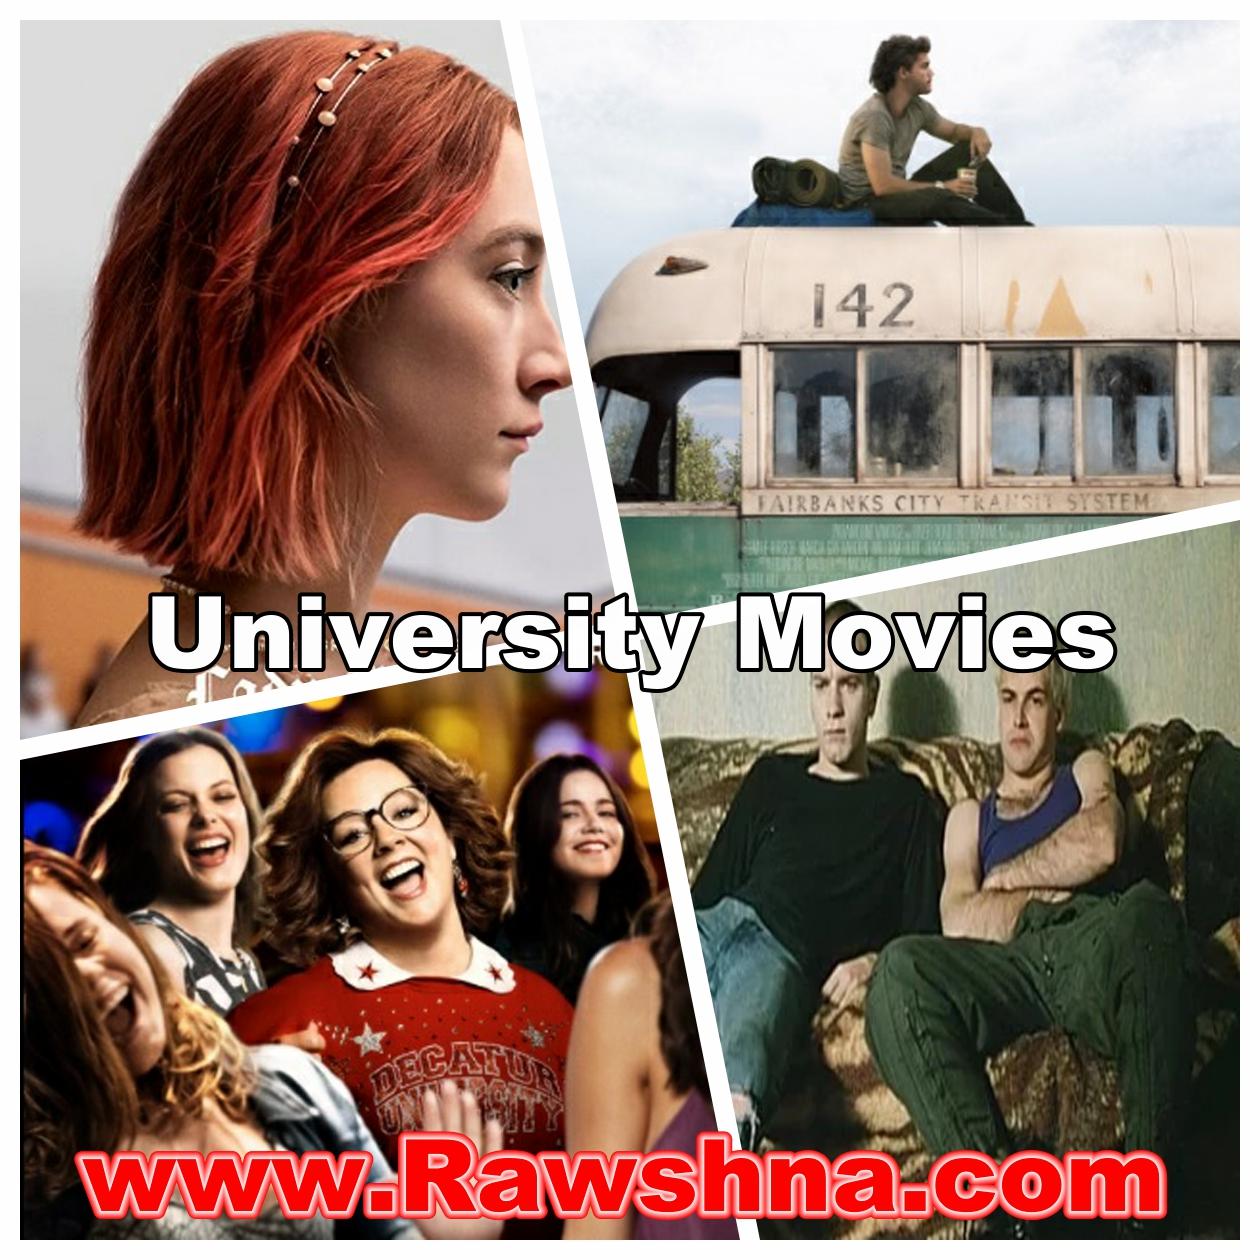 افضل افلام الجامعة على الإطلاق